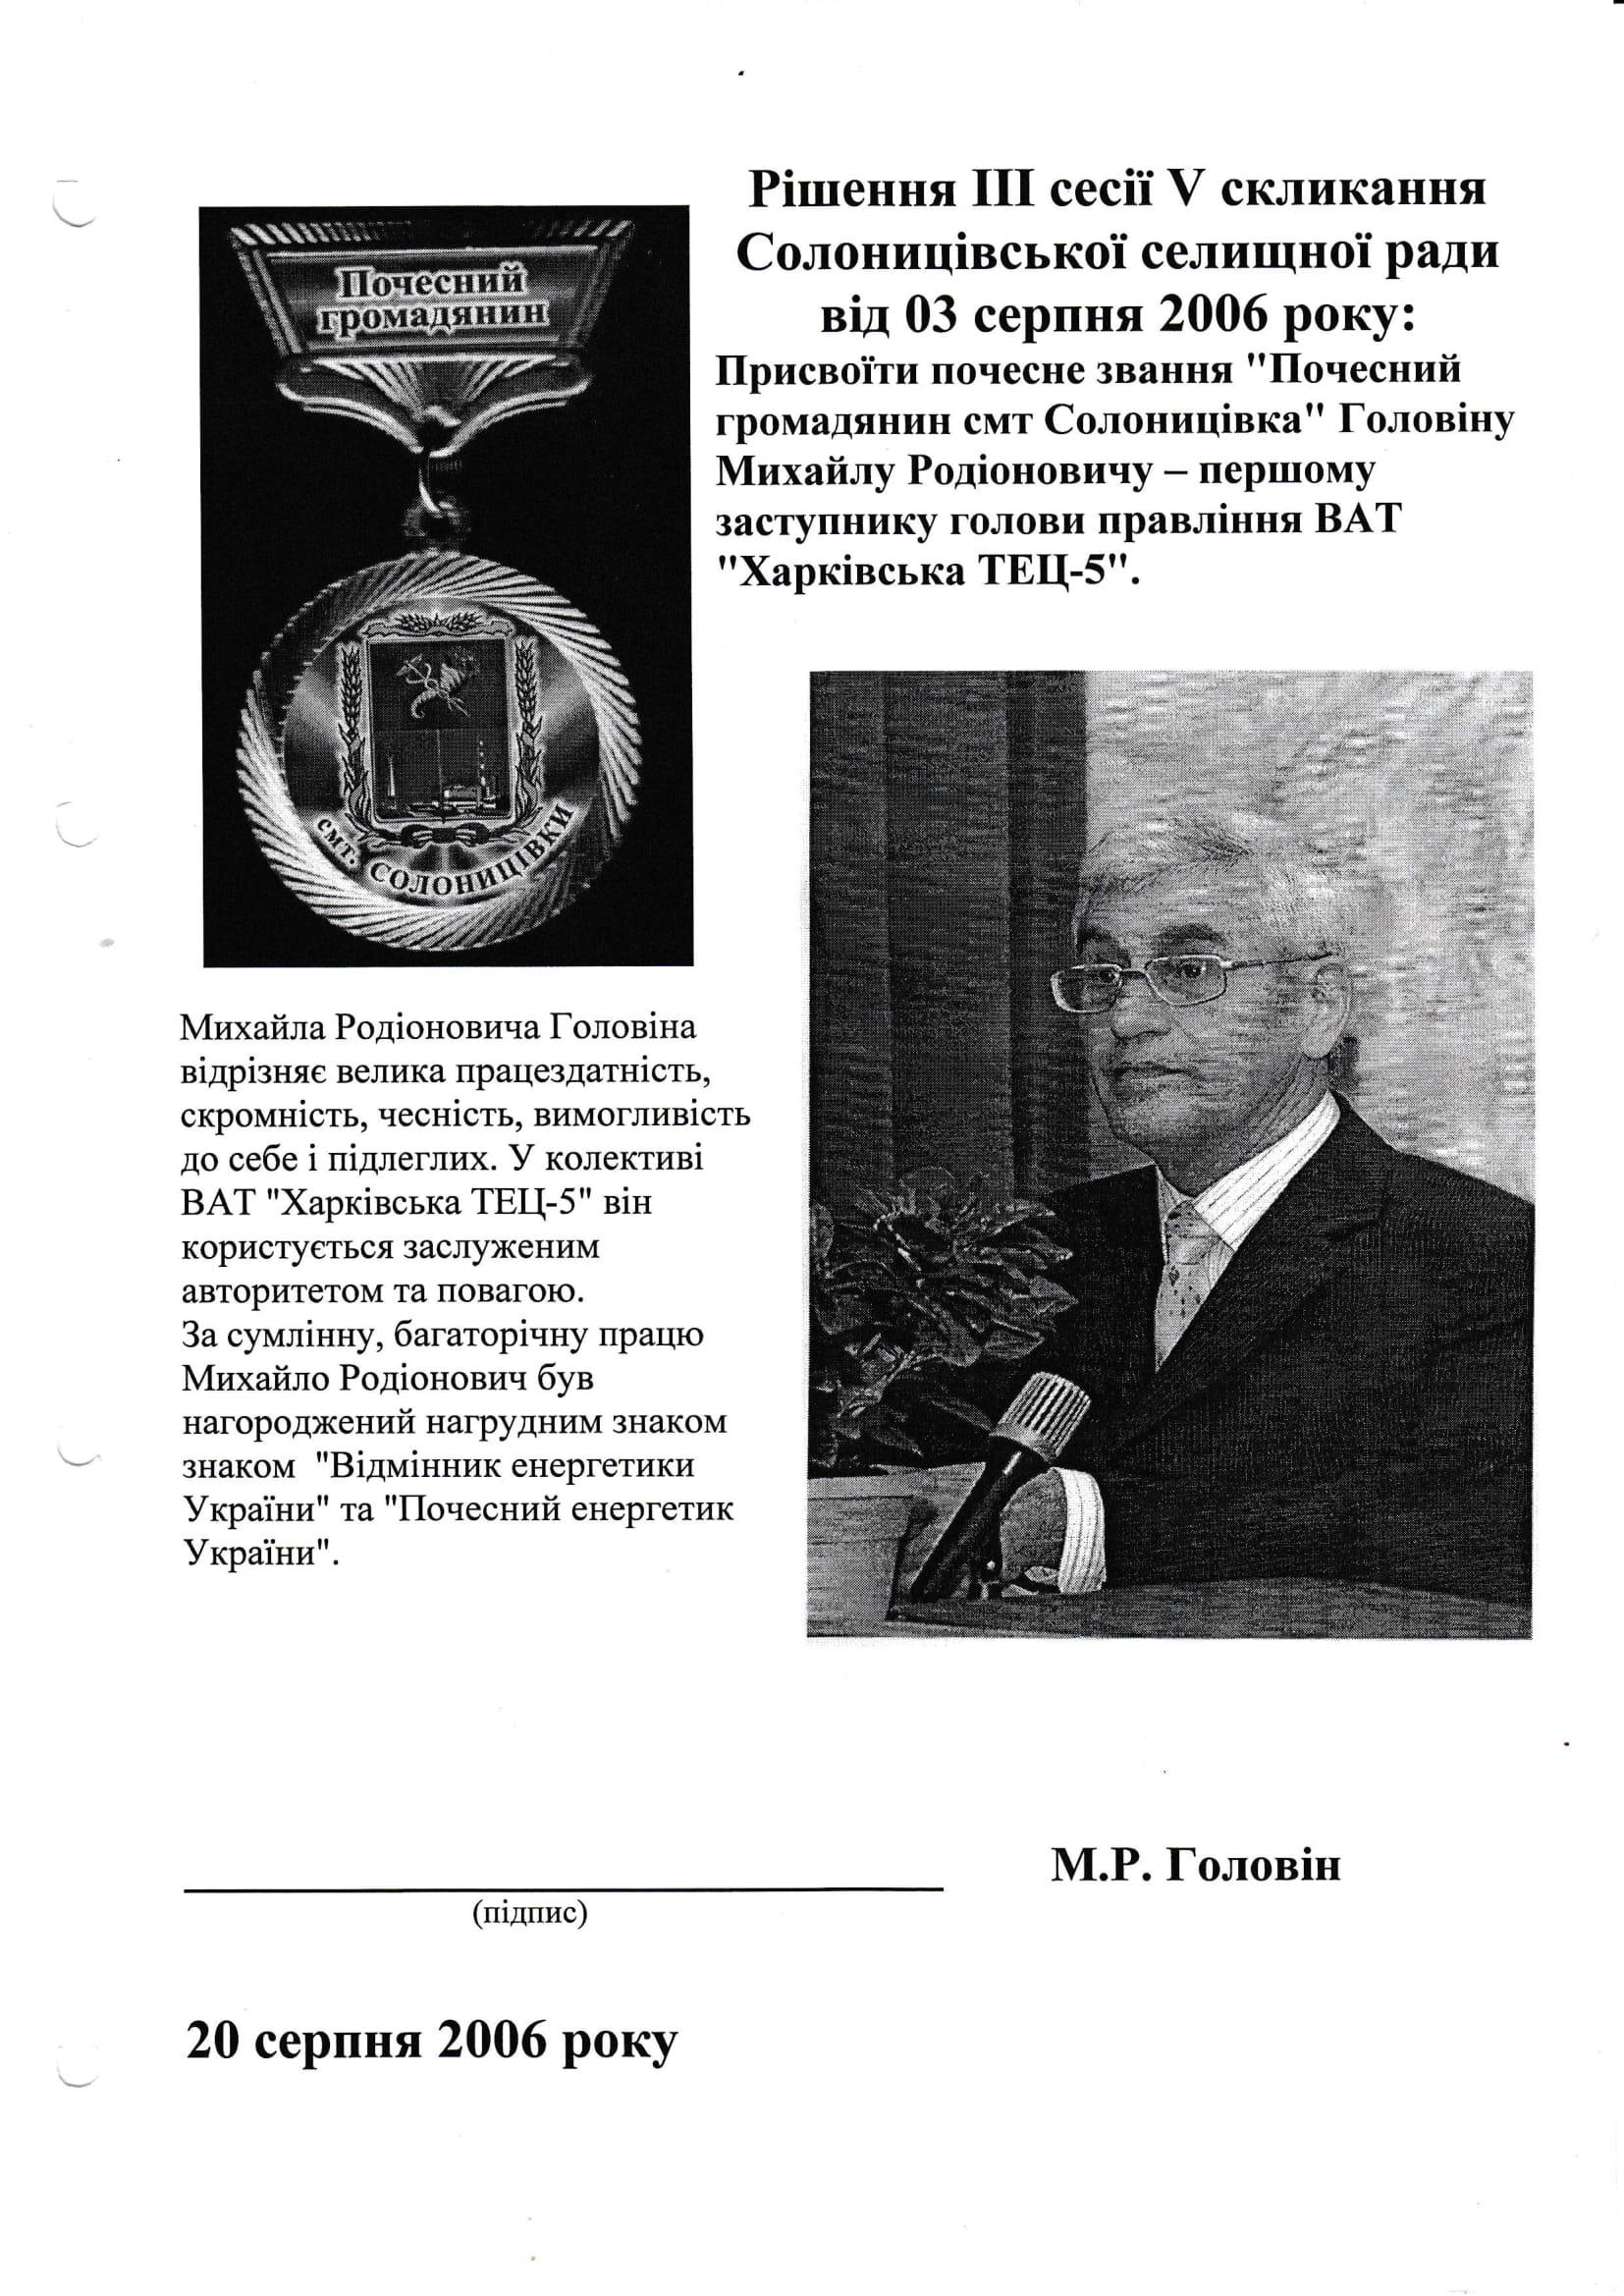 Головін Михайло Радіонович